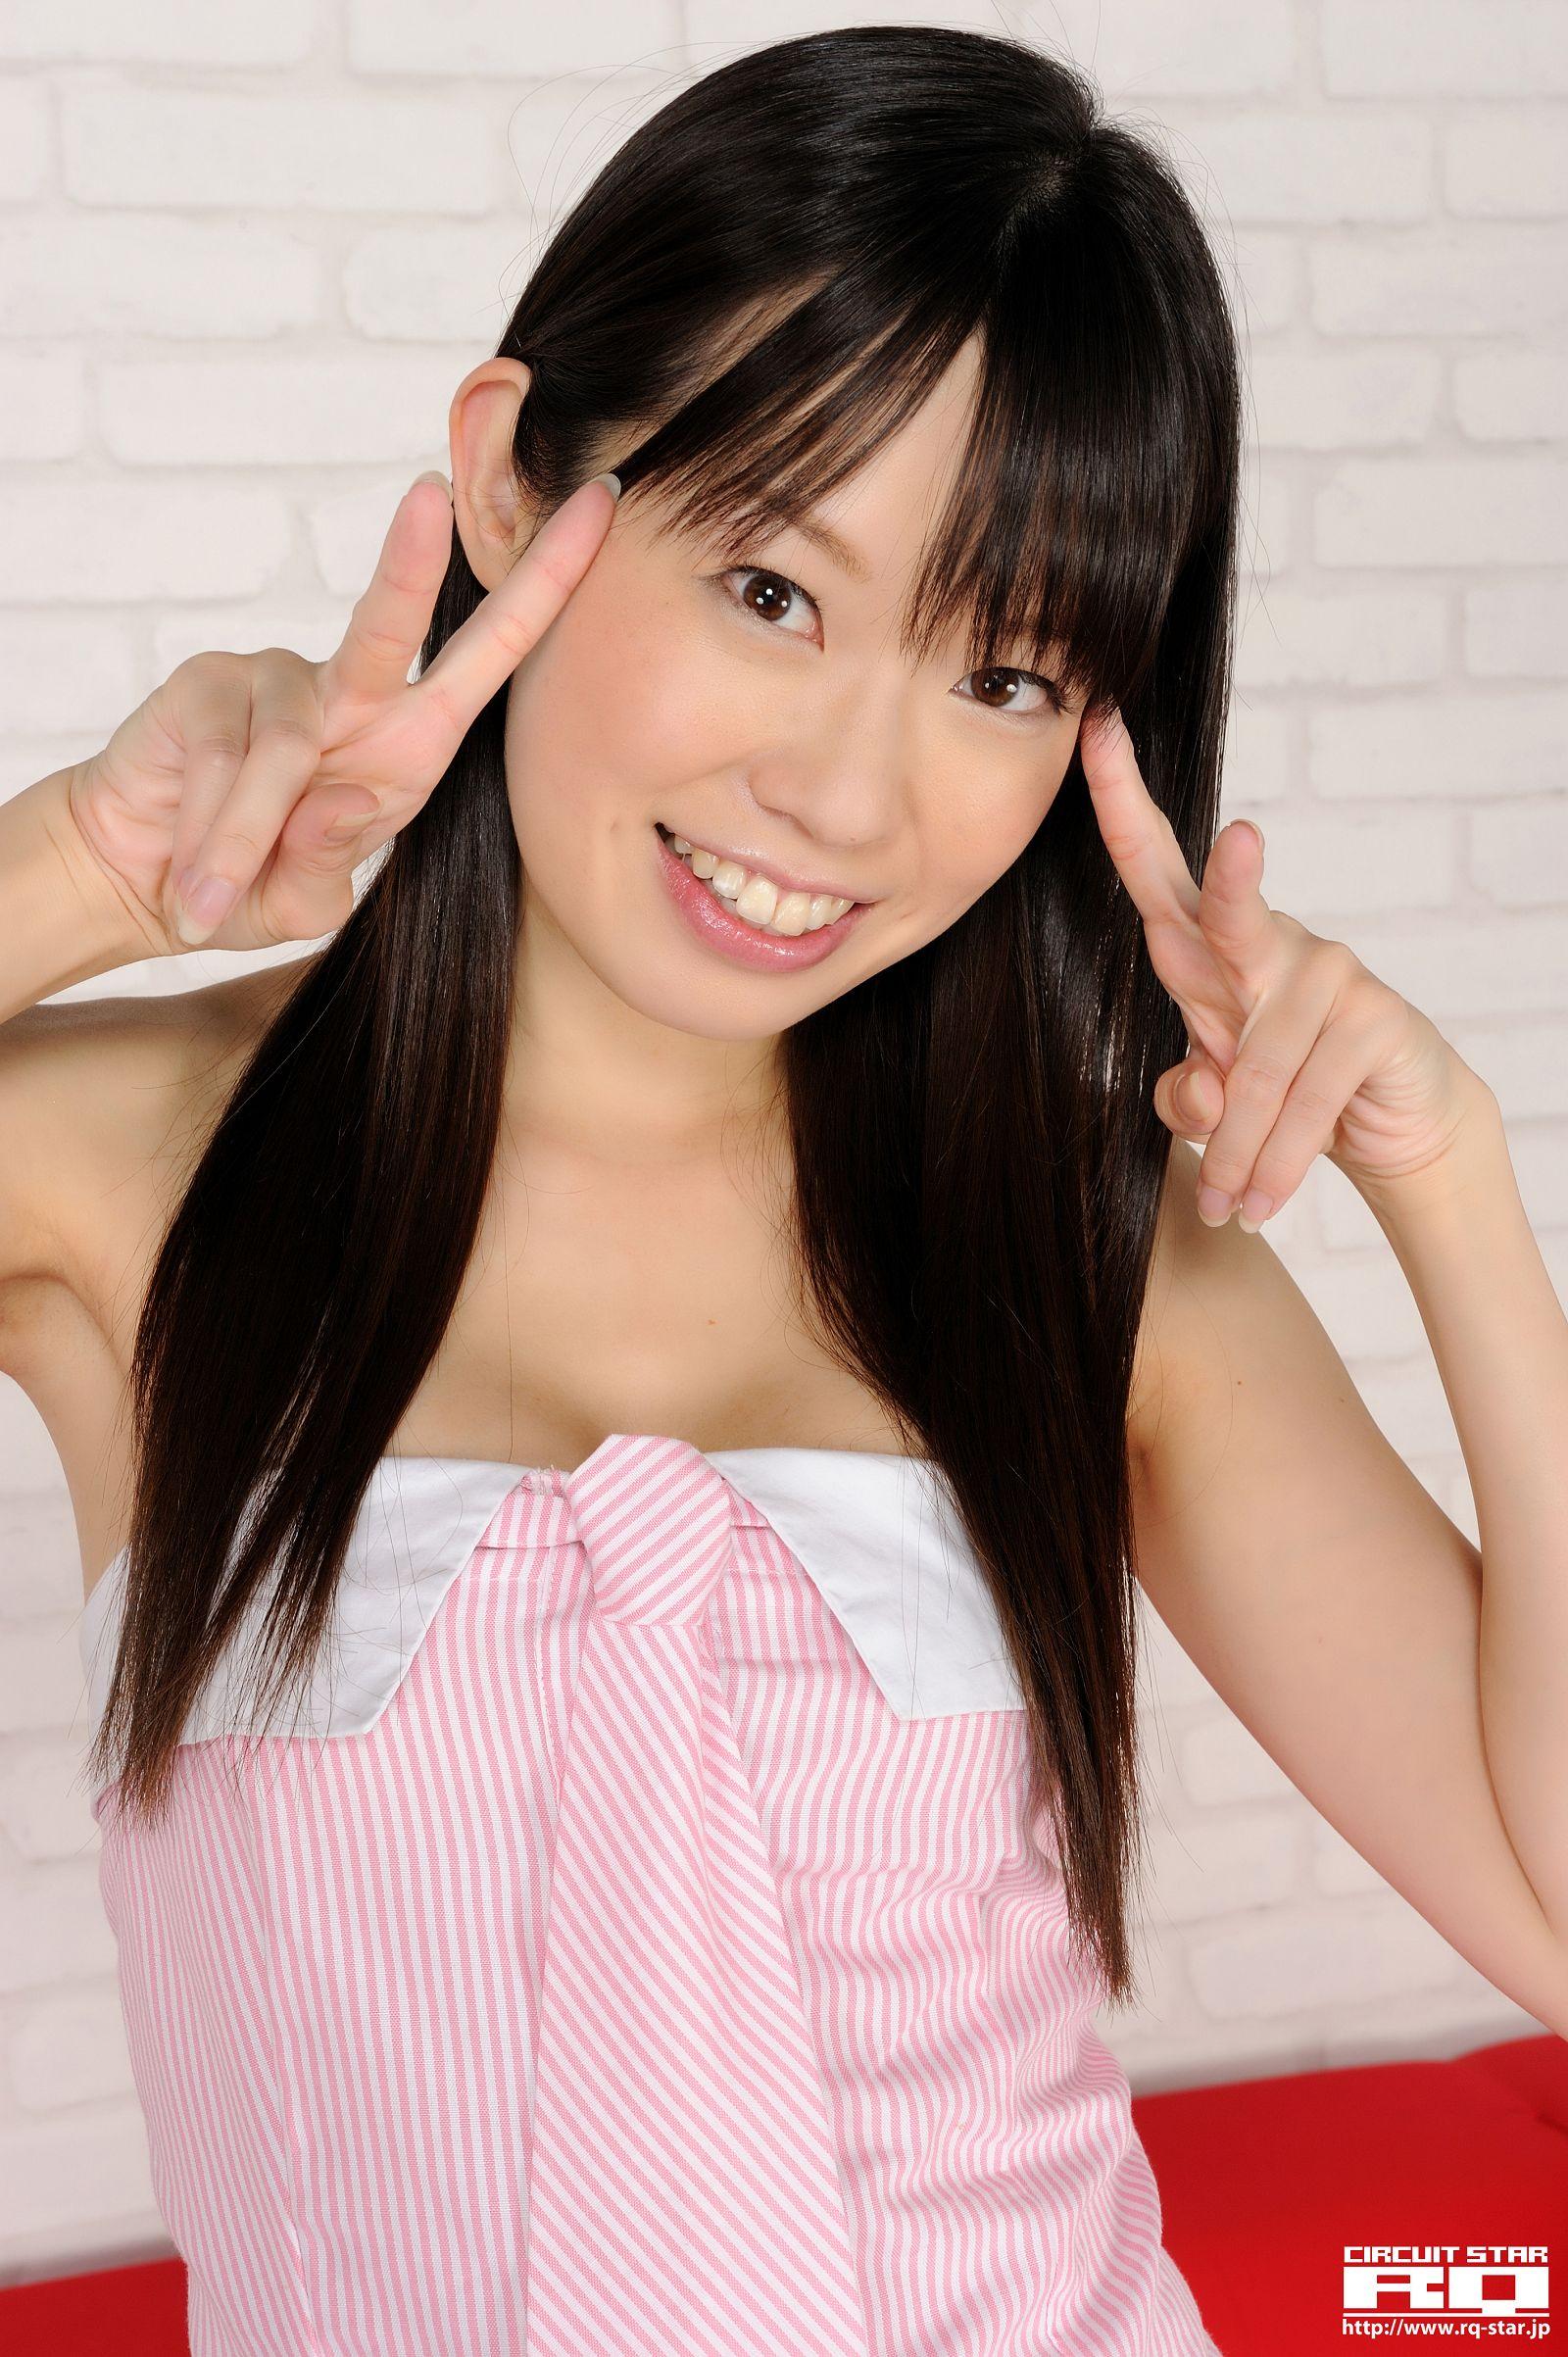 [RQ STAR美女] NO.0375 Miyuki Koizumi 小泉みゆき Private Dress[100P] RQ STAR 第3张